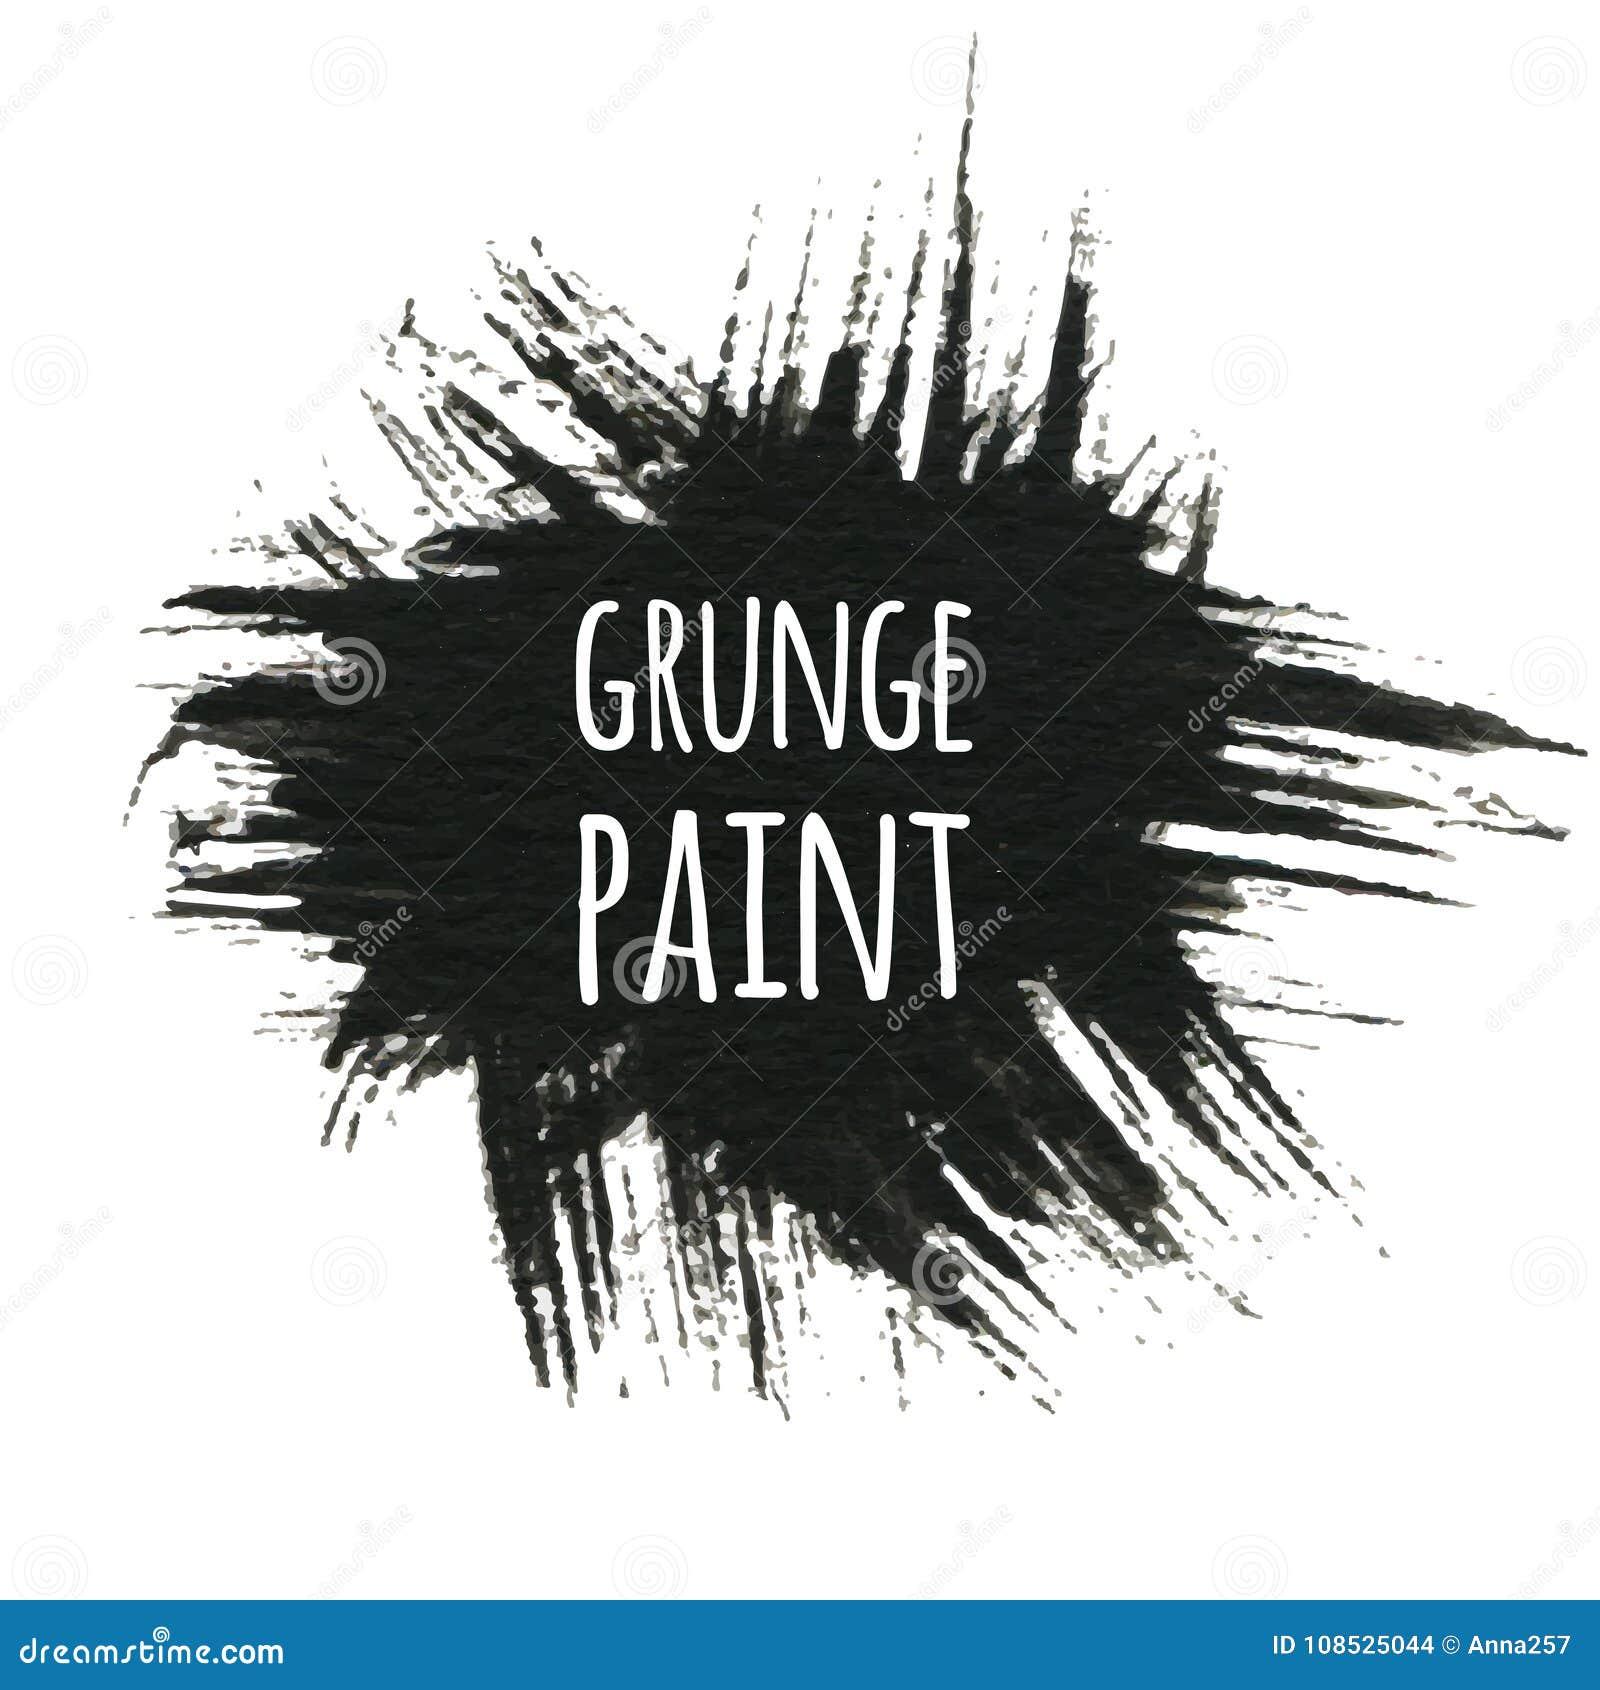 Fond grunge de peinture, illustration de vecteur pour votre conception